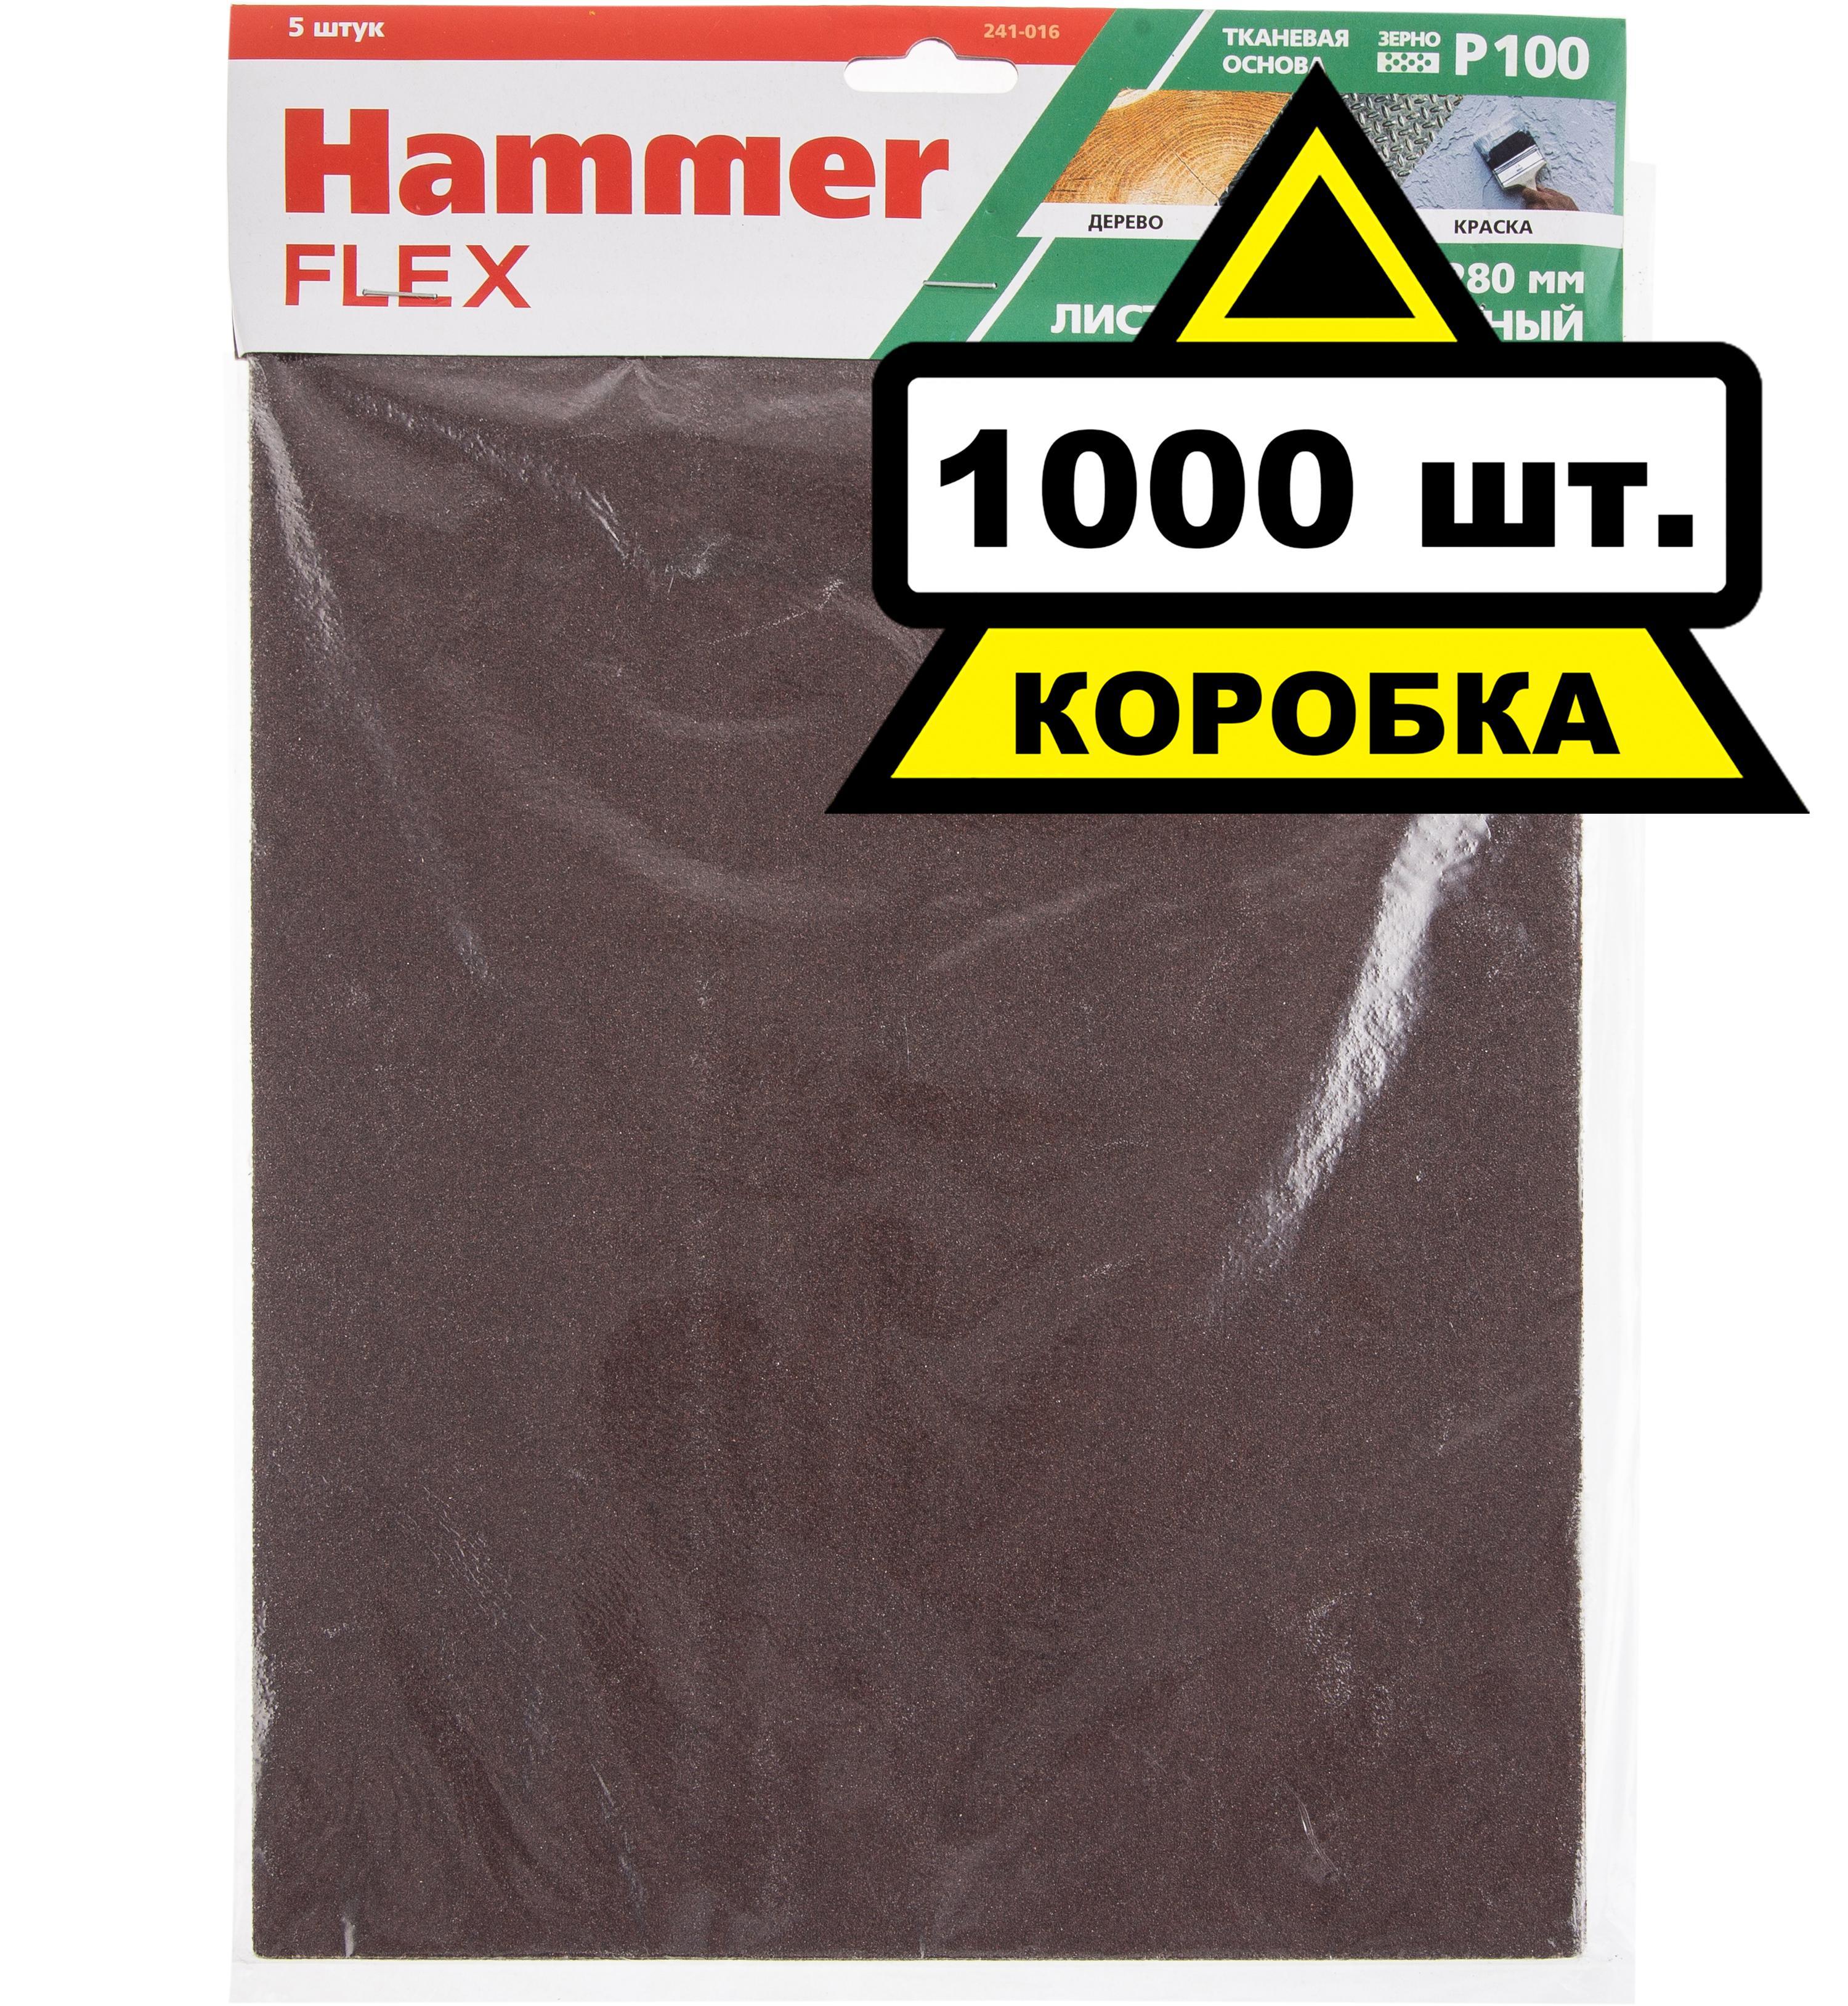 Купить Лист шлифовальный Hammer 230x280мм p100 тканевая основа